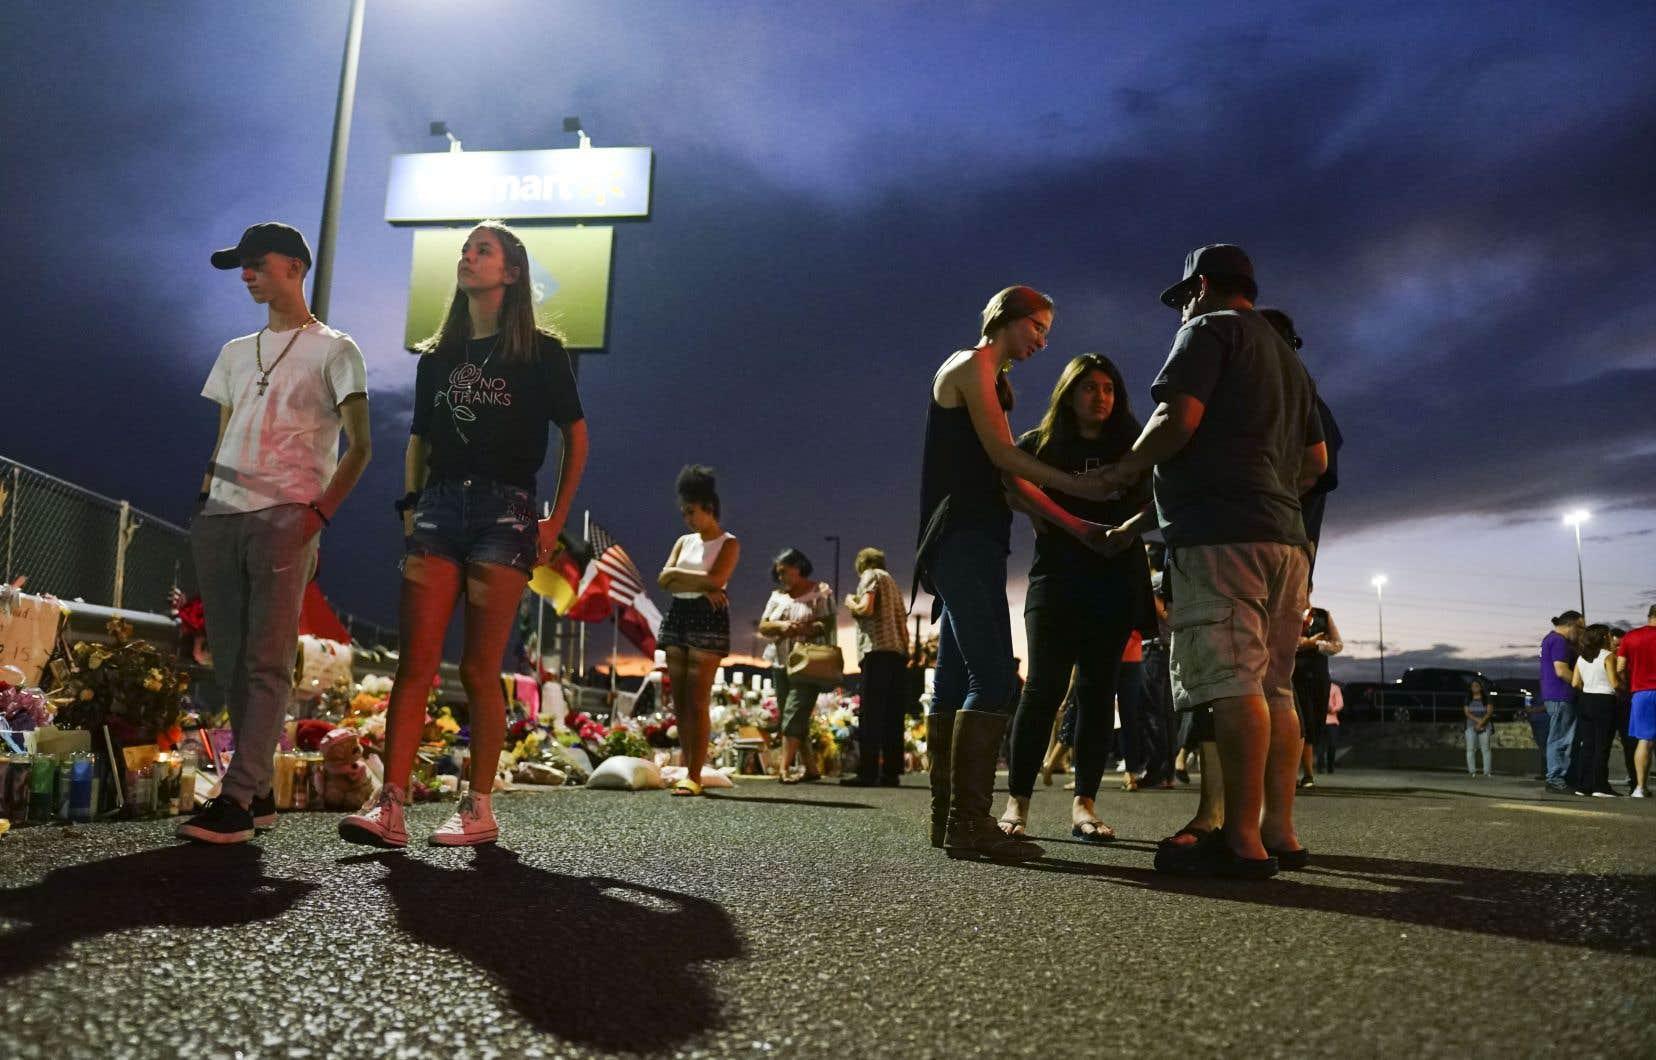 La décision survient dans la foulée de la fusillade dans son magasin d'El Paso, le mois dernier.